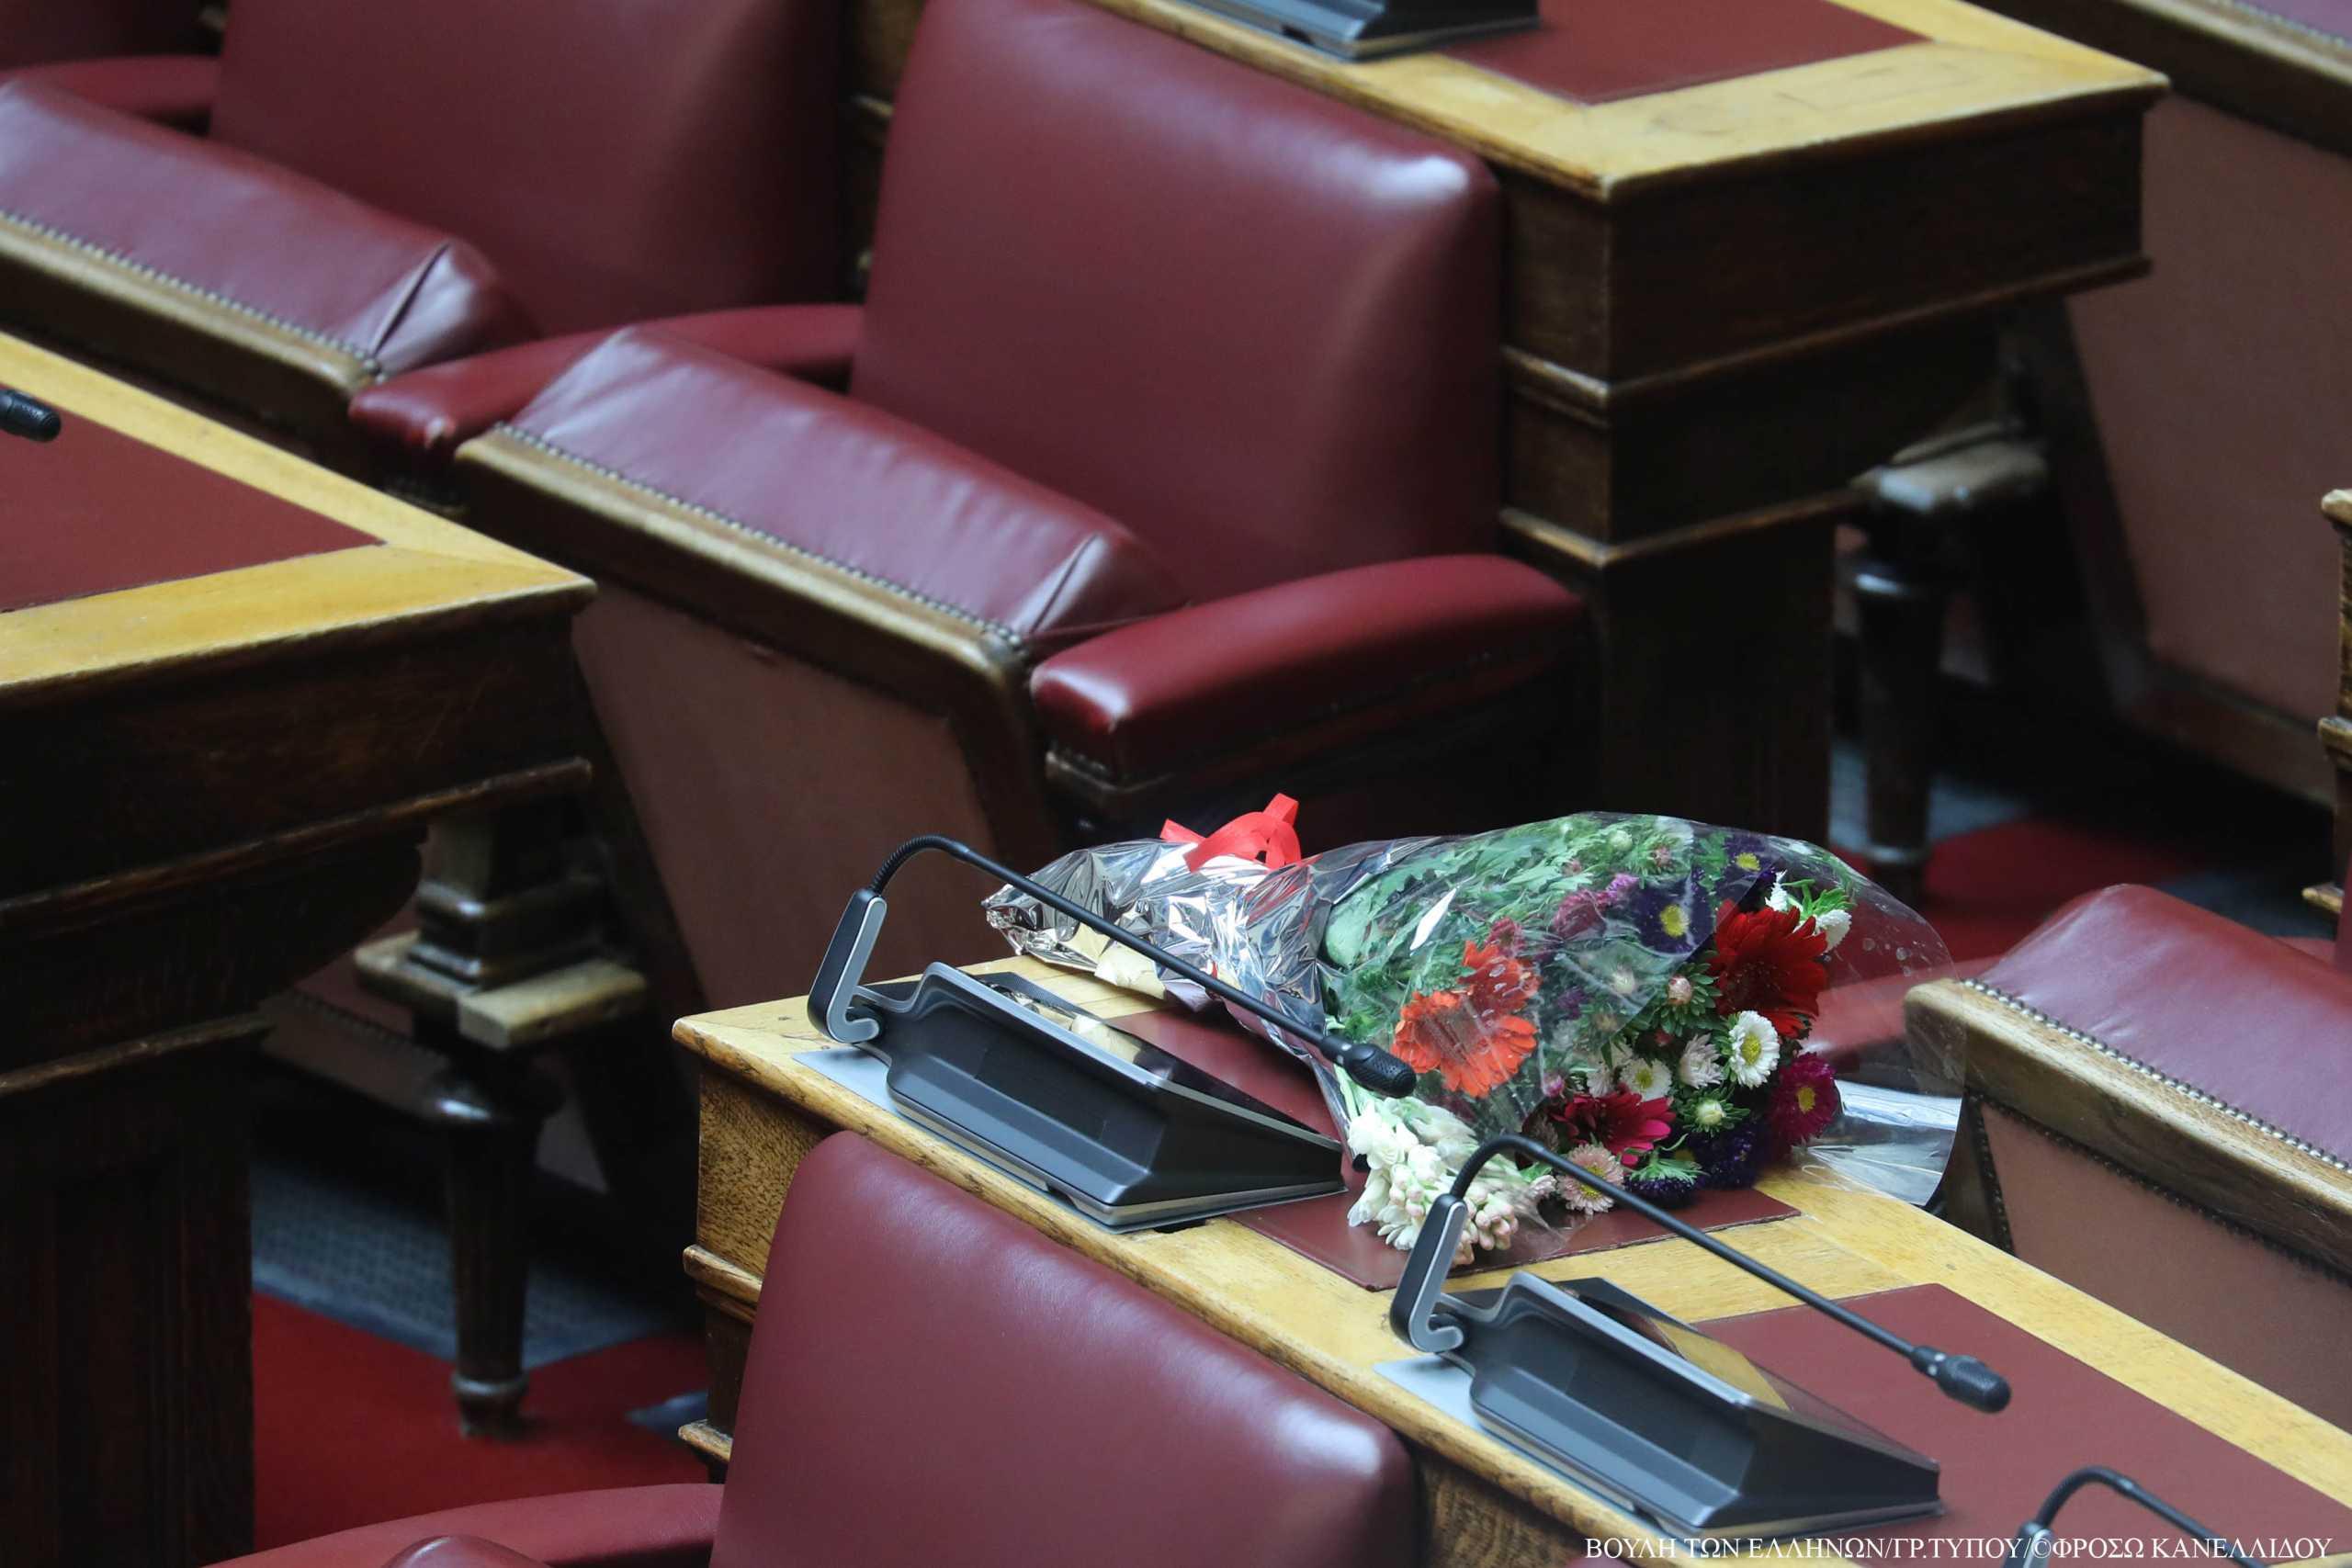 Μια ανθοδέσμη για τον Παύλο Μπακογιάννη στη Βουλή